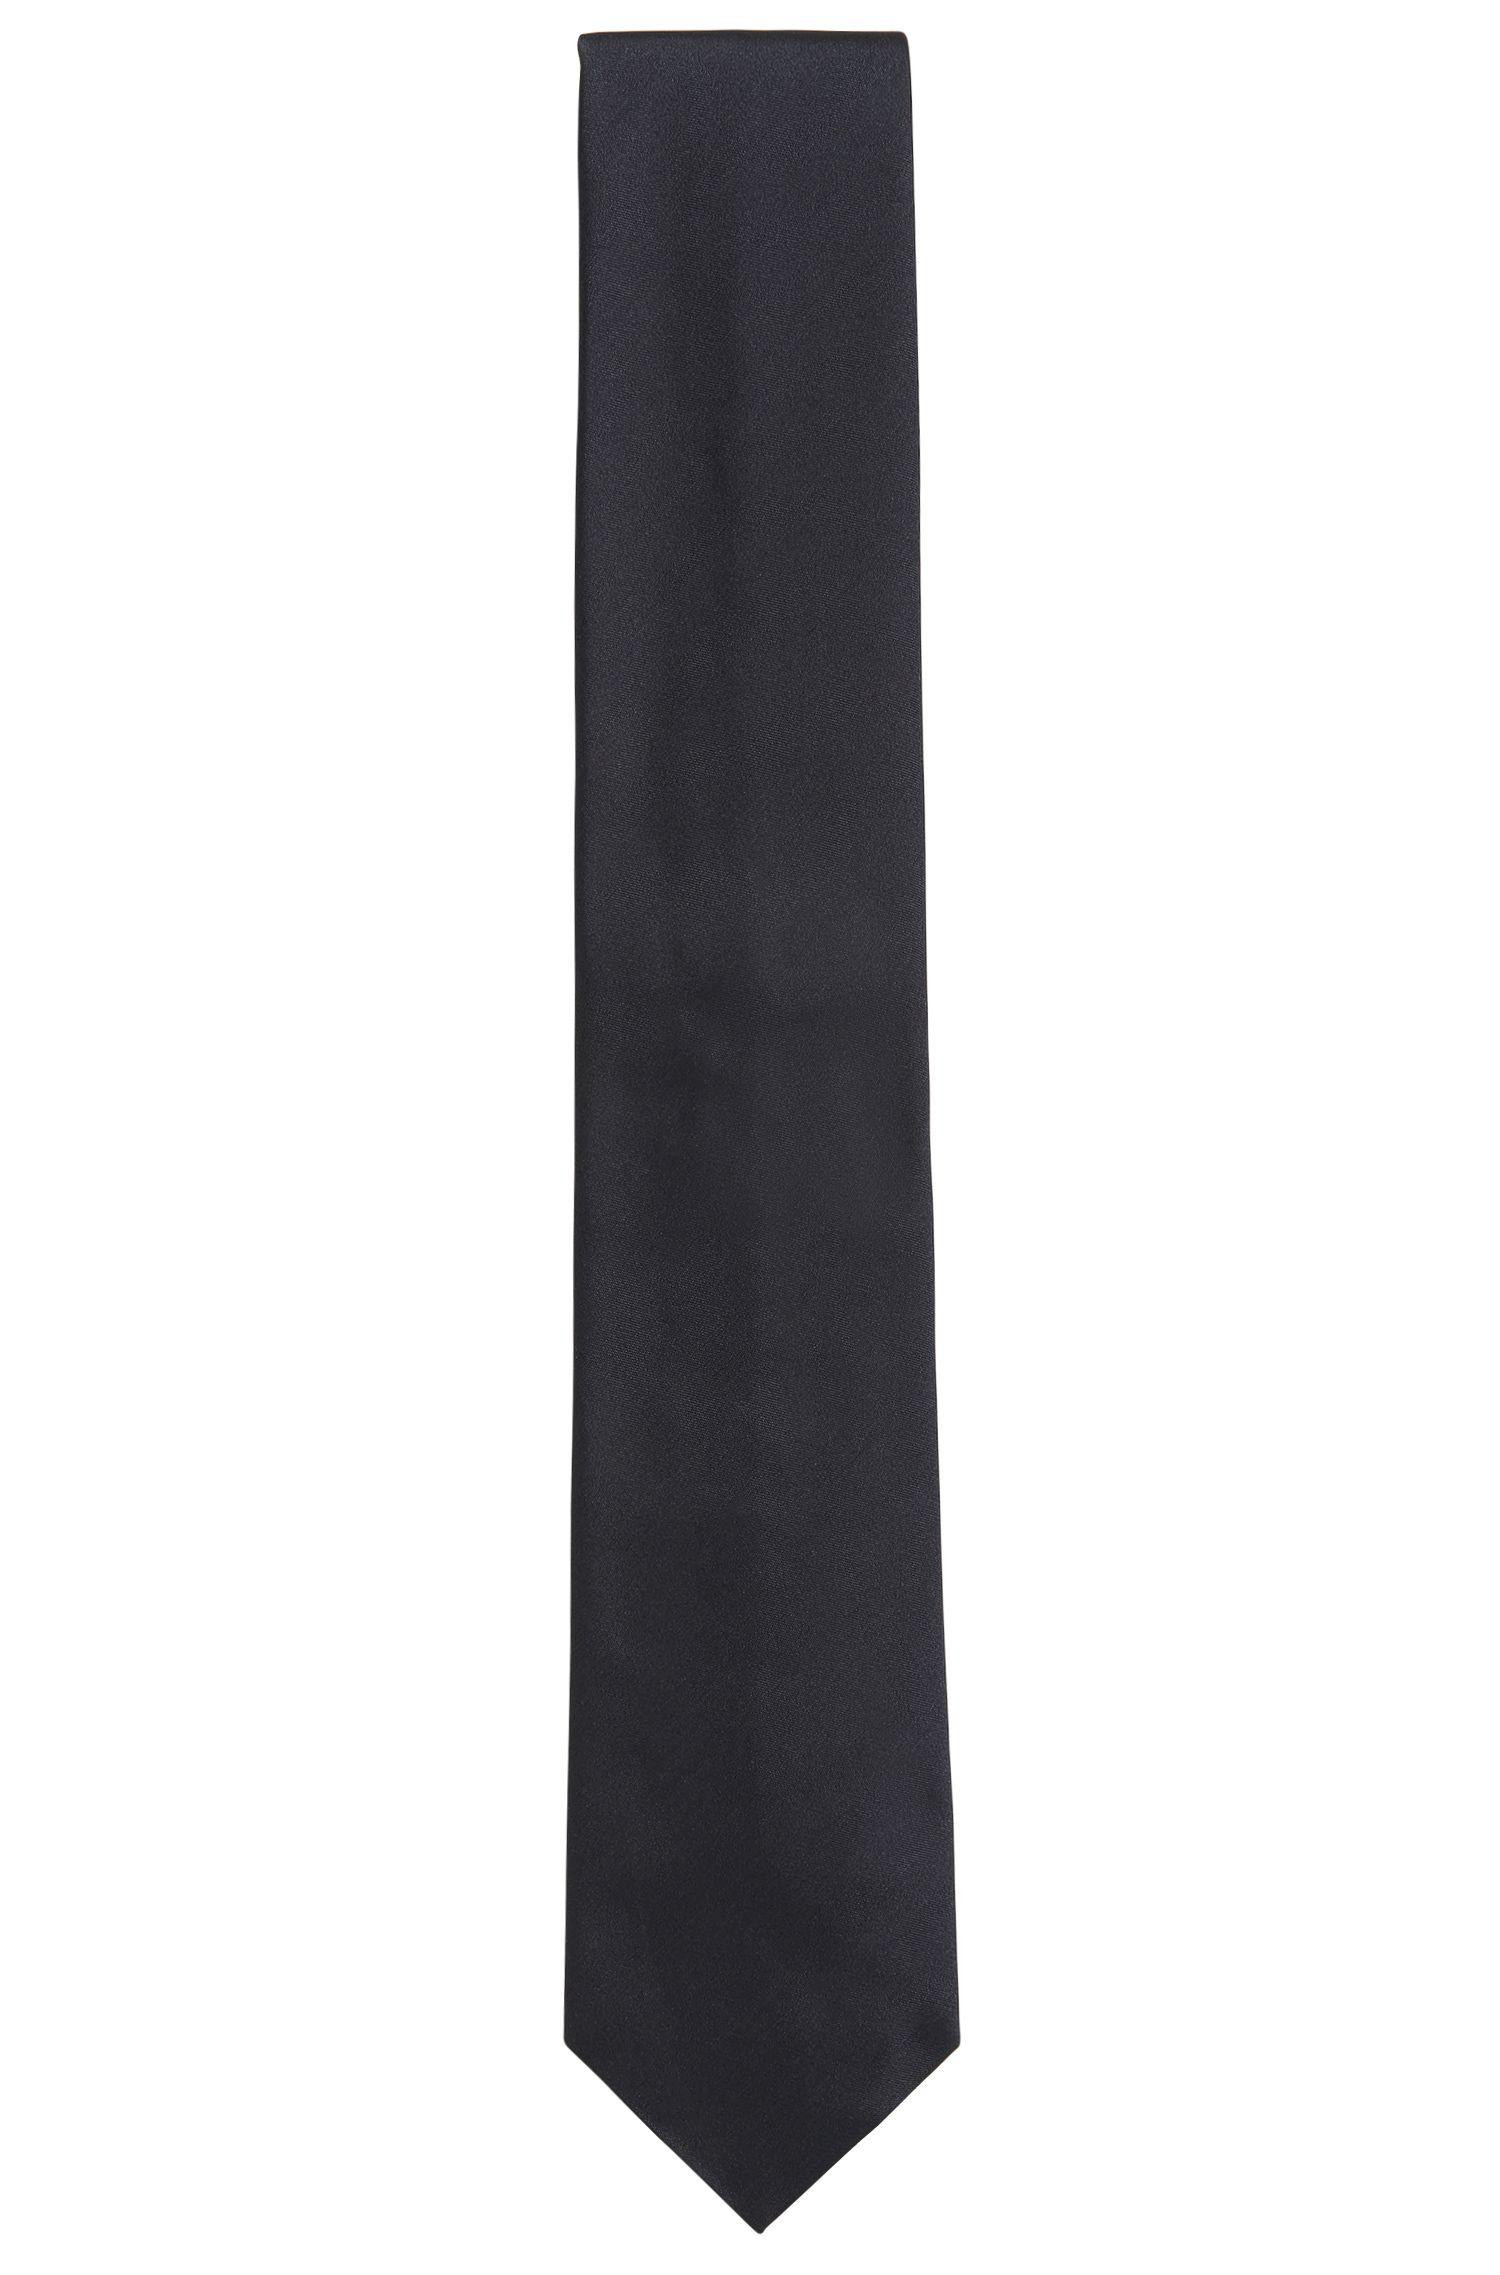 Corbata elaborada en Italia en pura seda